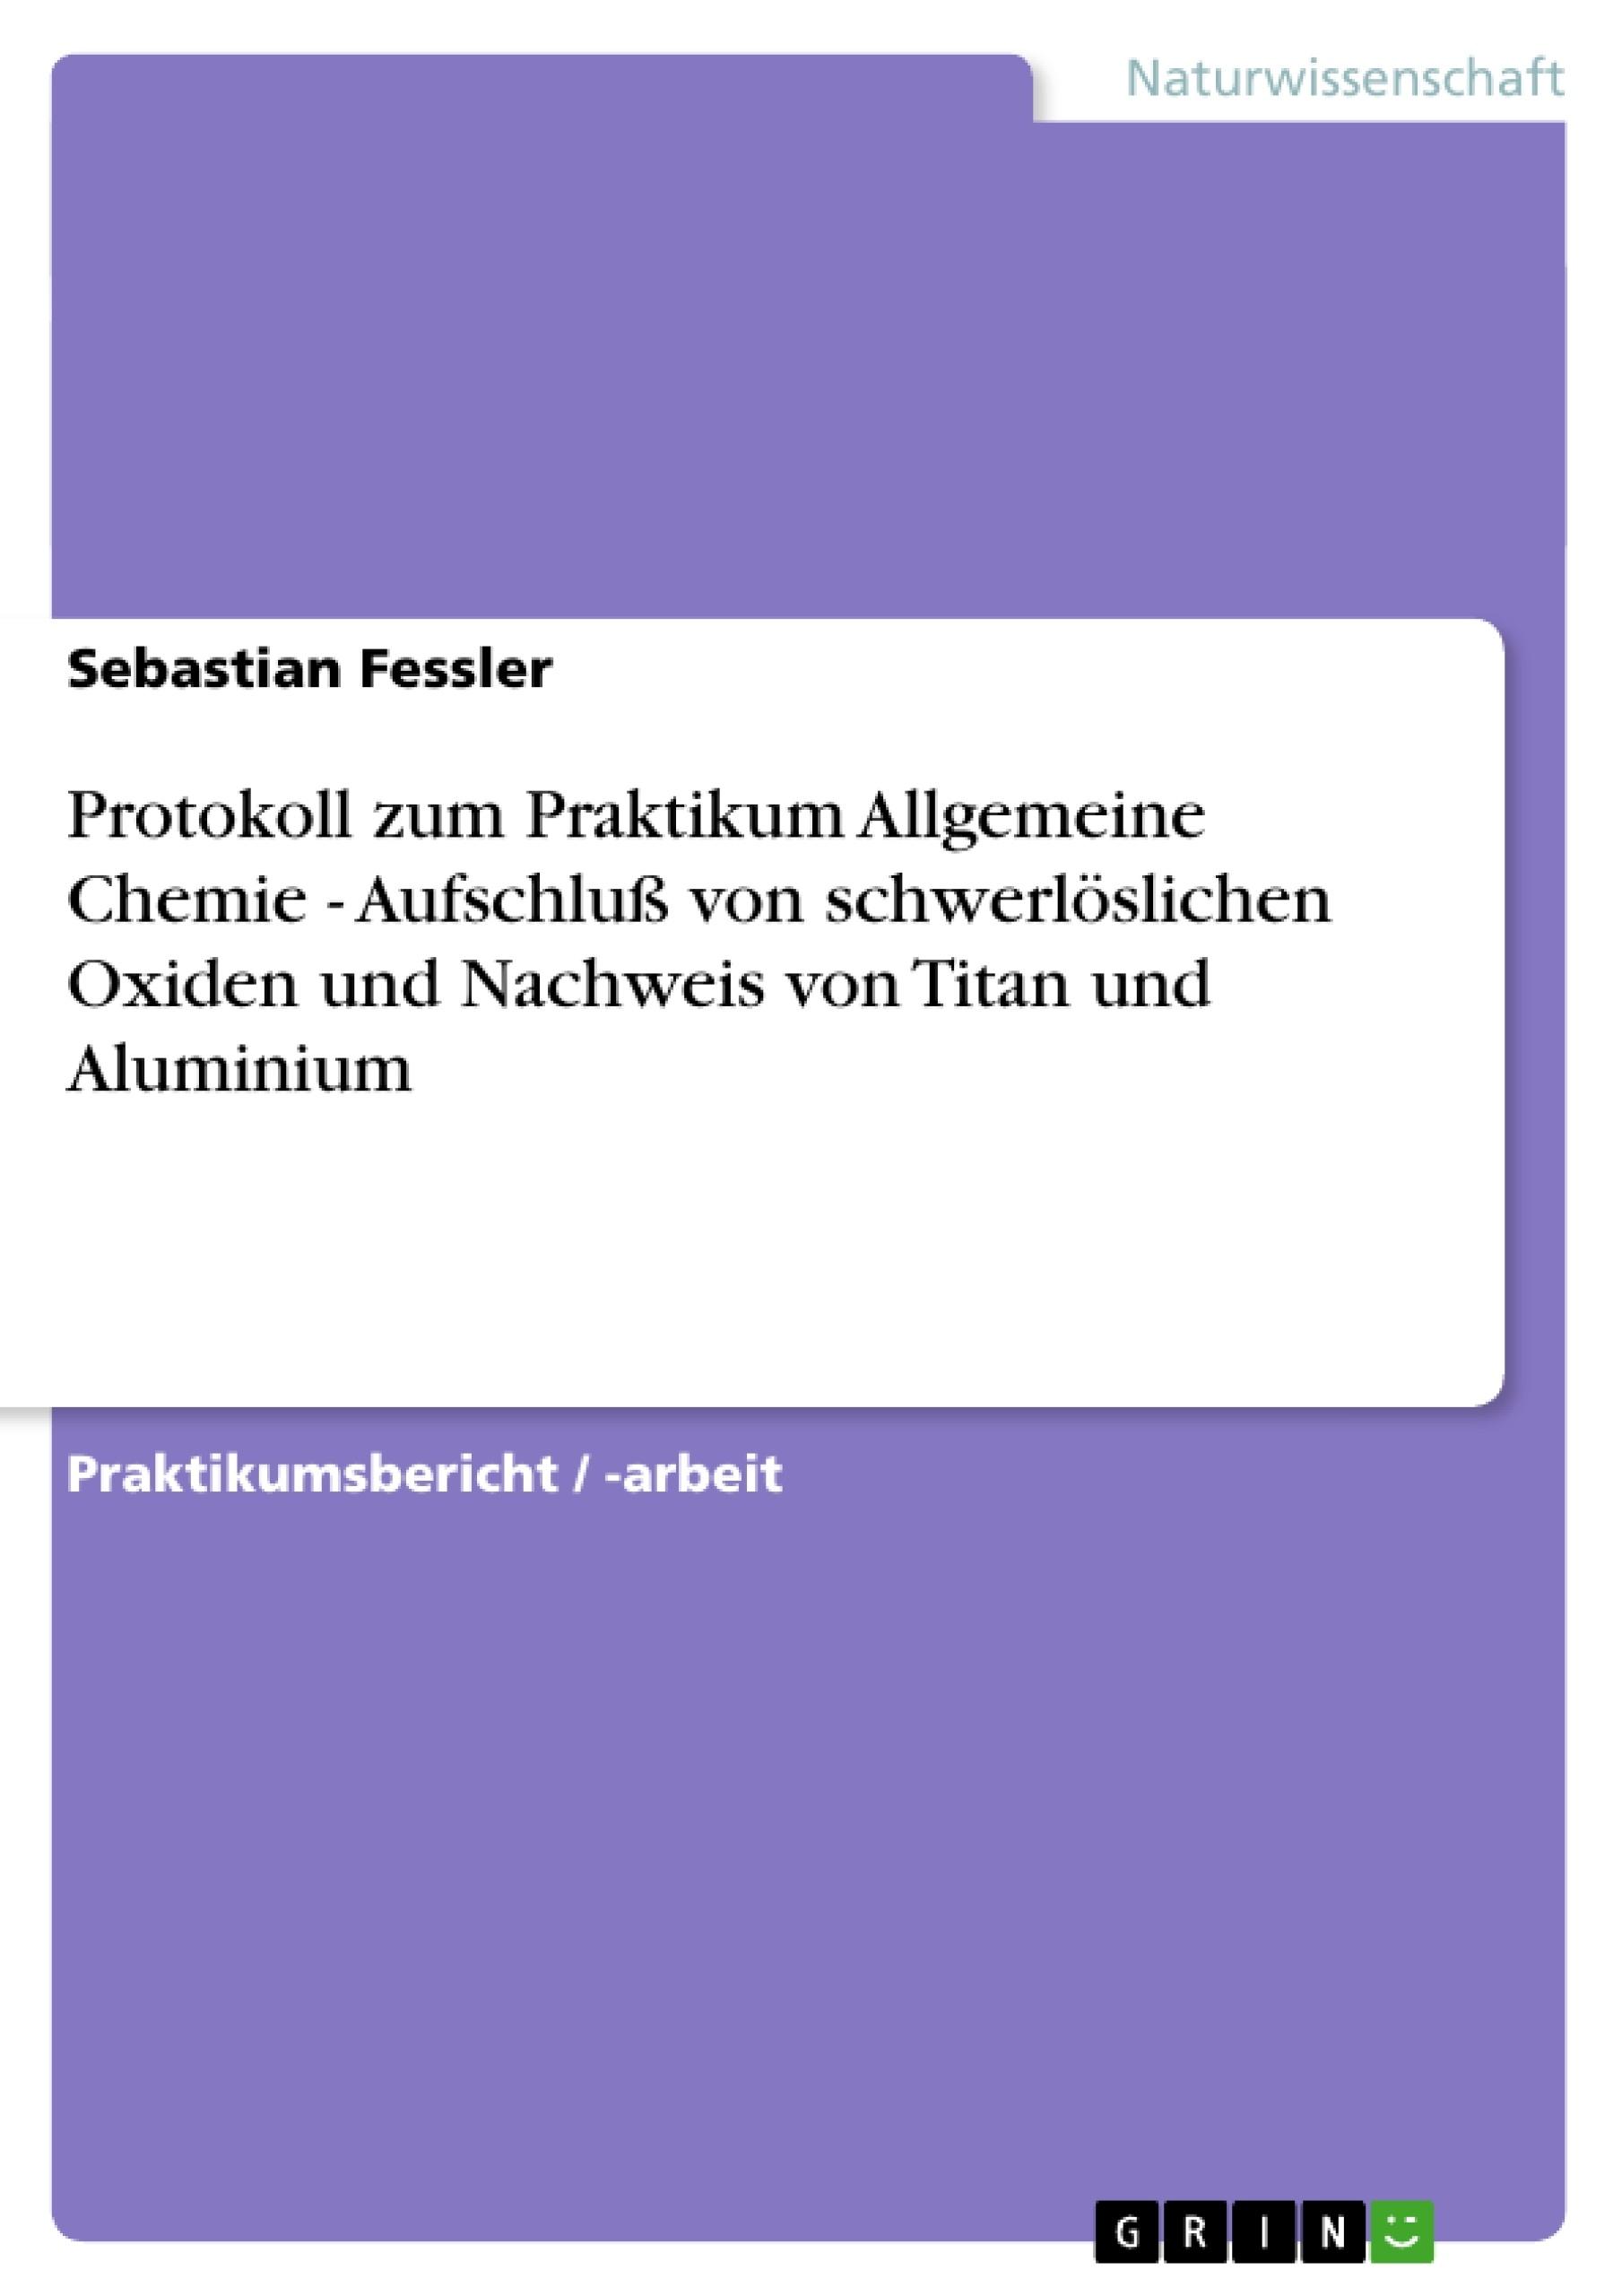 Titel: Protokoll zum Praktikum Allgemeine Chemie  -  Aufschluß von schwerlöslichen Oxiden und Nachweis von Titan und Aluminium